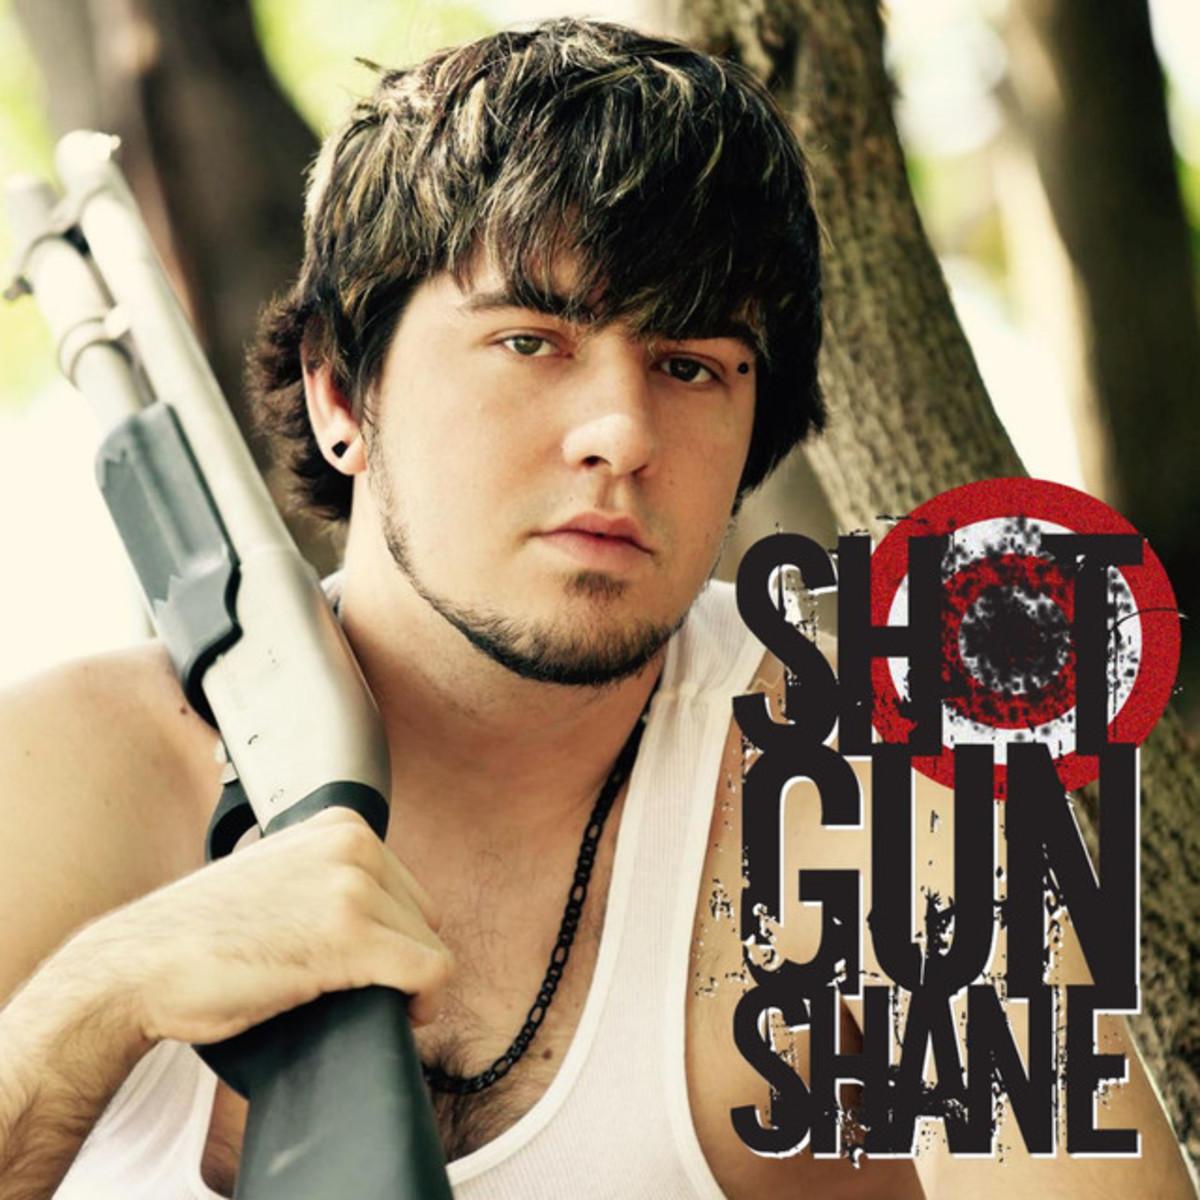 shotgun shane